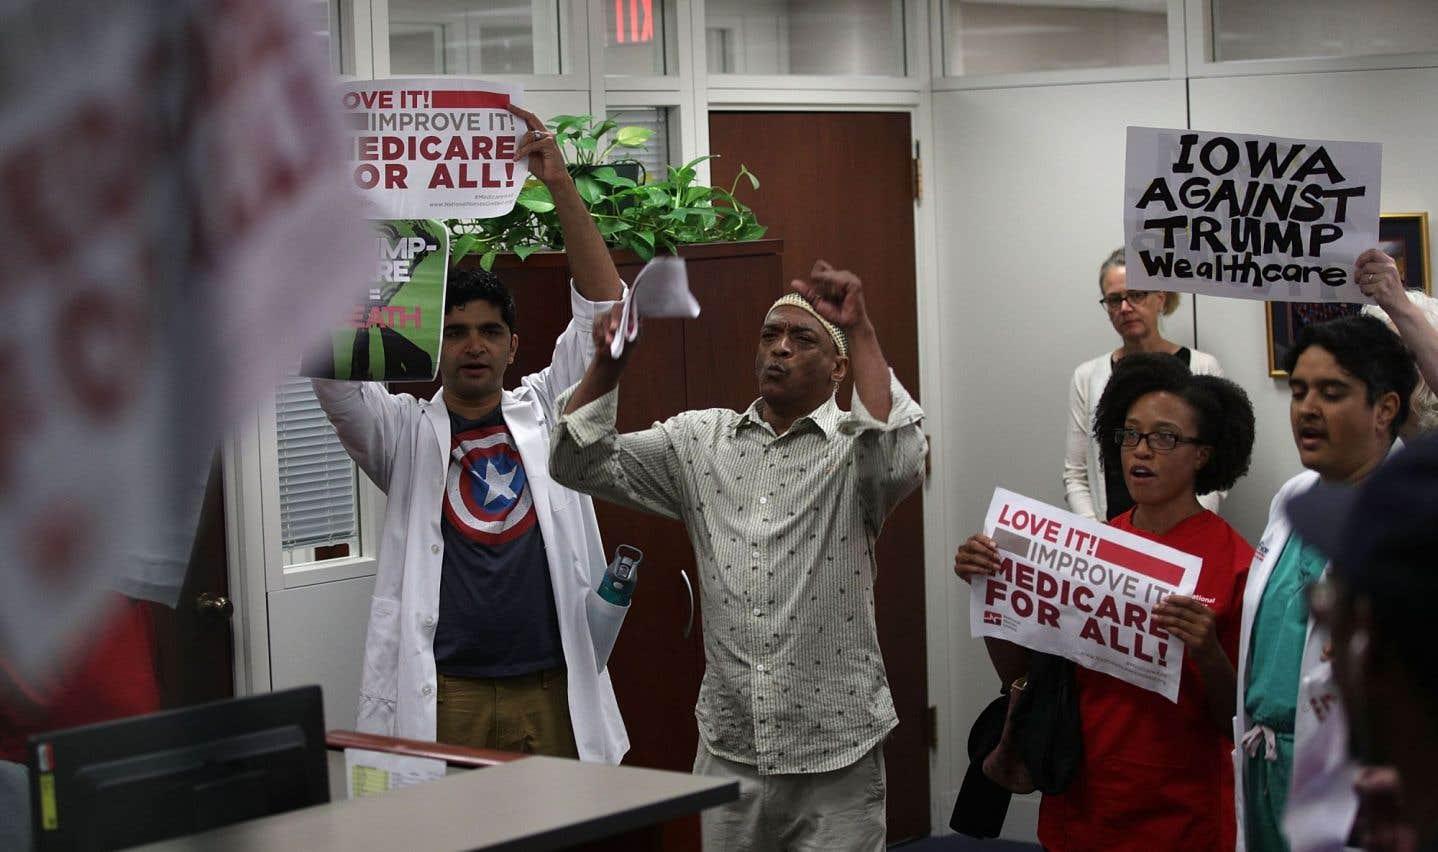 Des militants protestent contre le plan républicain d'abrogation et de remplacement d'Obamacare dans le bureau du sénateur Chuck Grassley, à Washington.